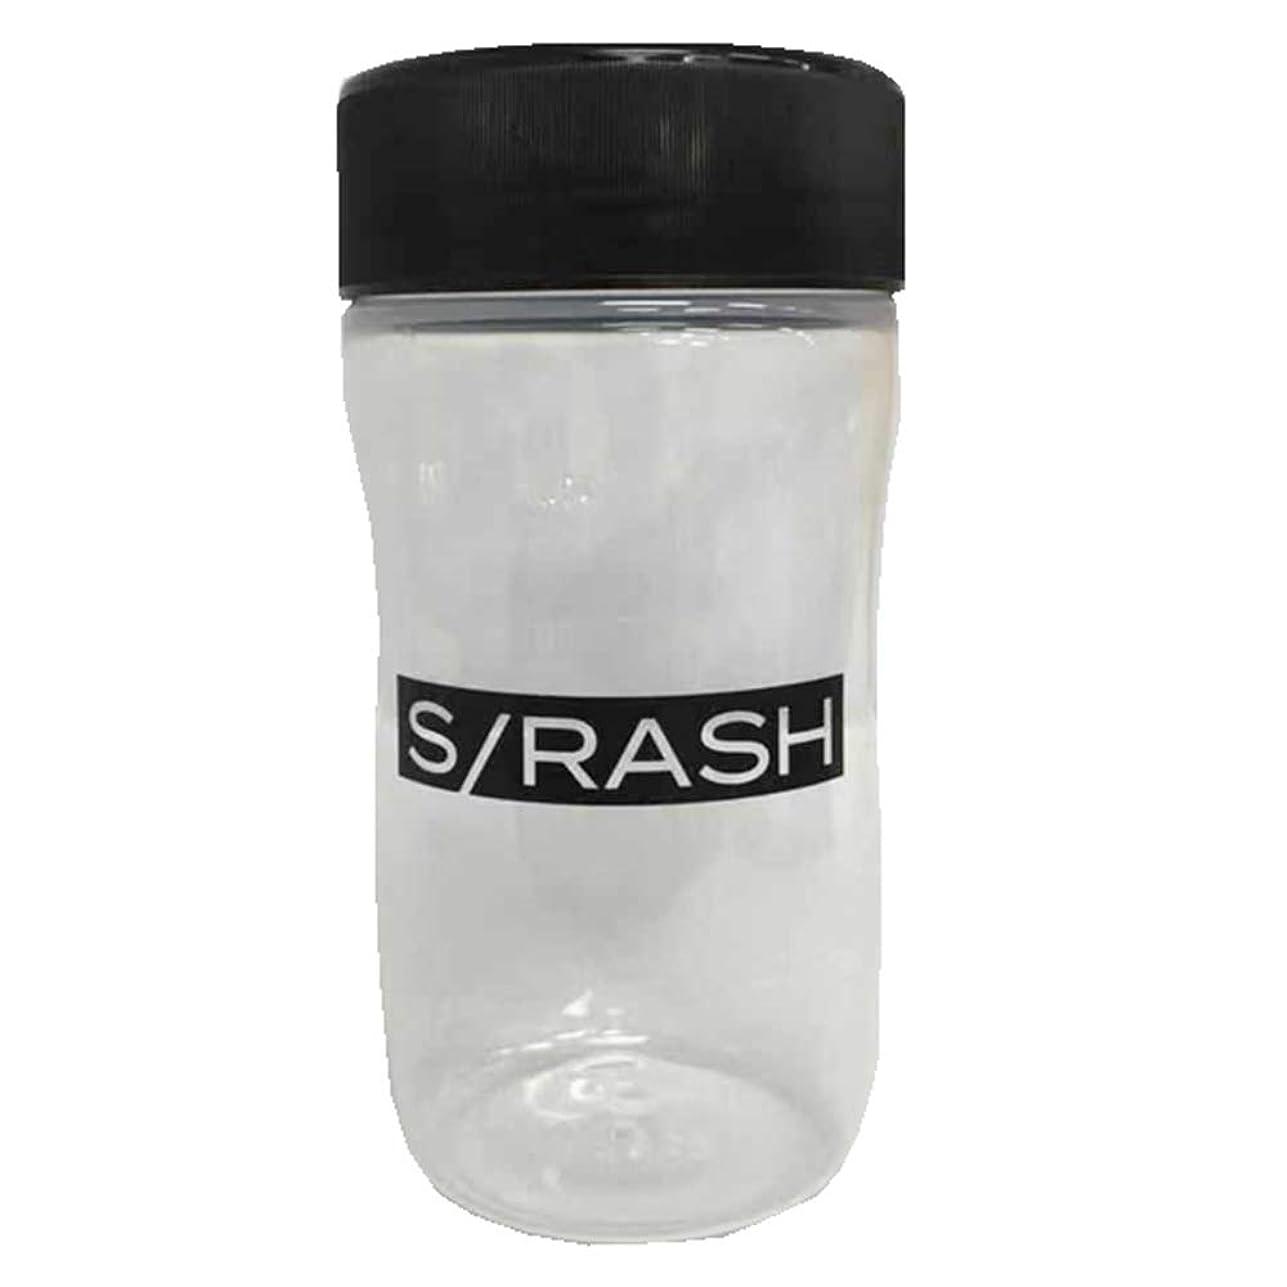 ユーモア揺れる大西洋【スラッシュ】 S/RASH プロテインシェイカー ボトル ランニング トレーニング